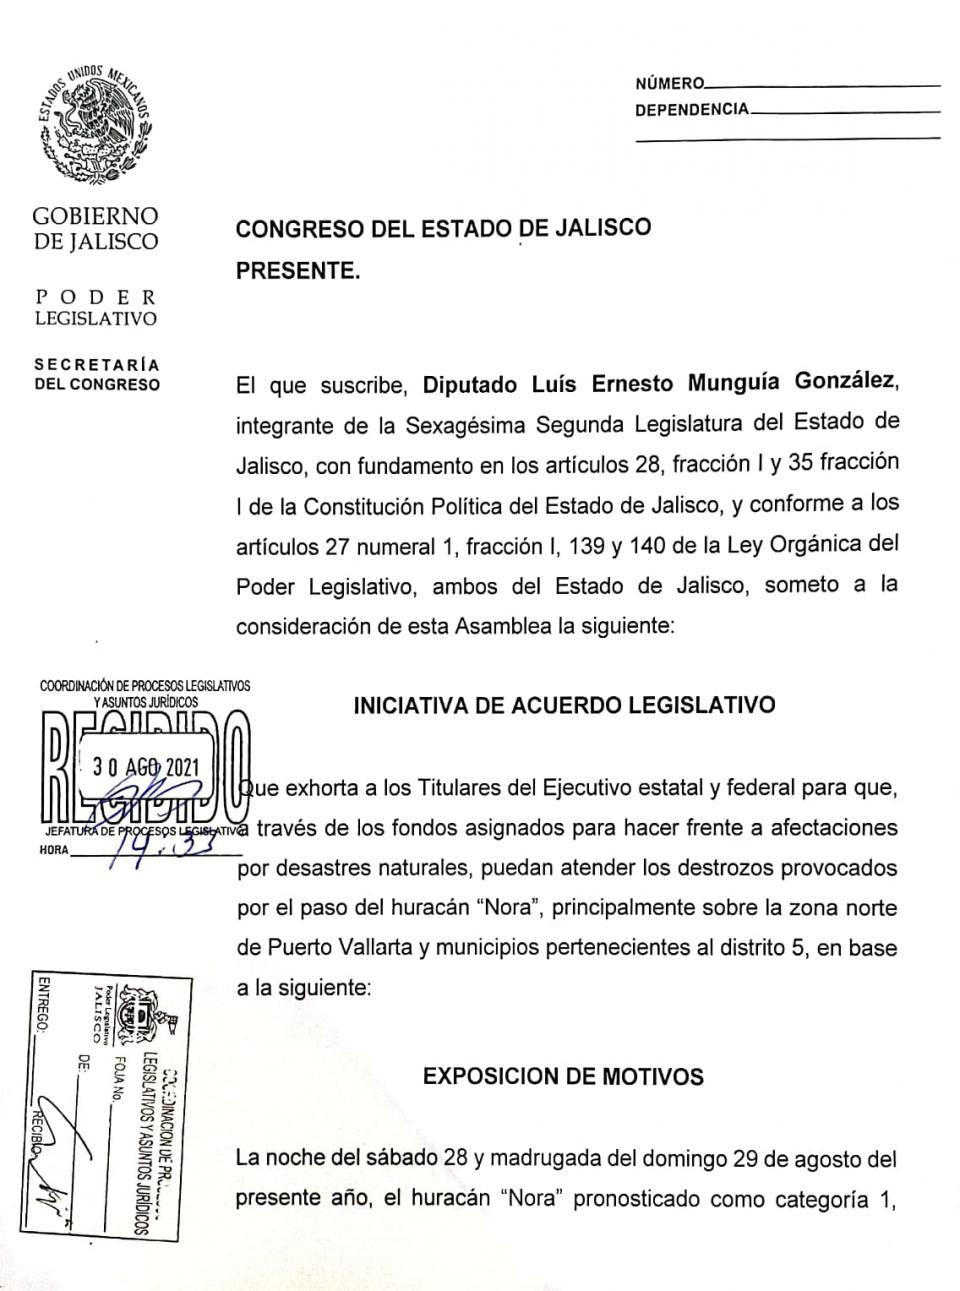 Urge liberar recursos por el paso de Nora Luis Munguía